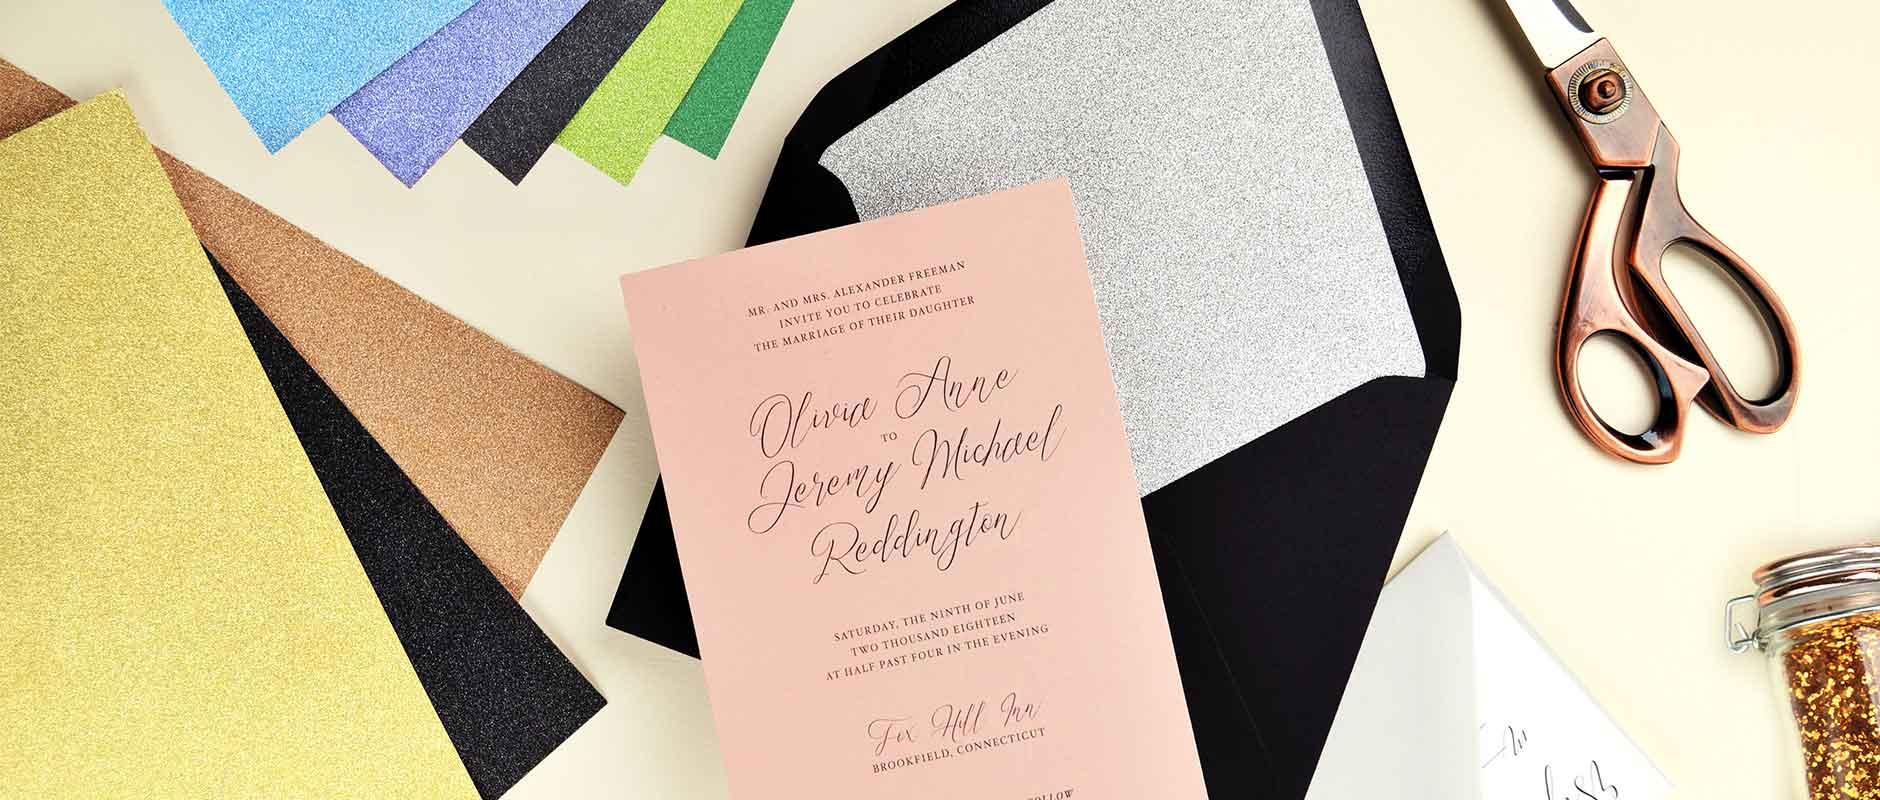 Glitter Paper | Beautiful and Mess Free